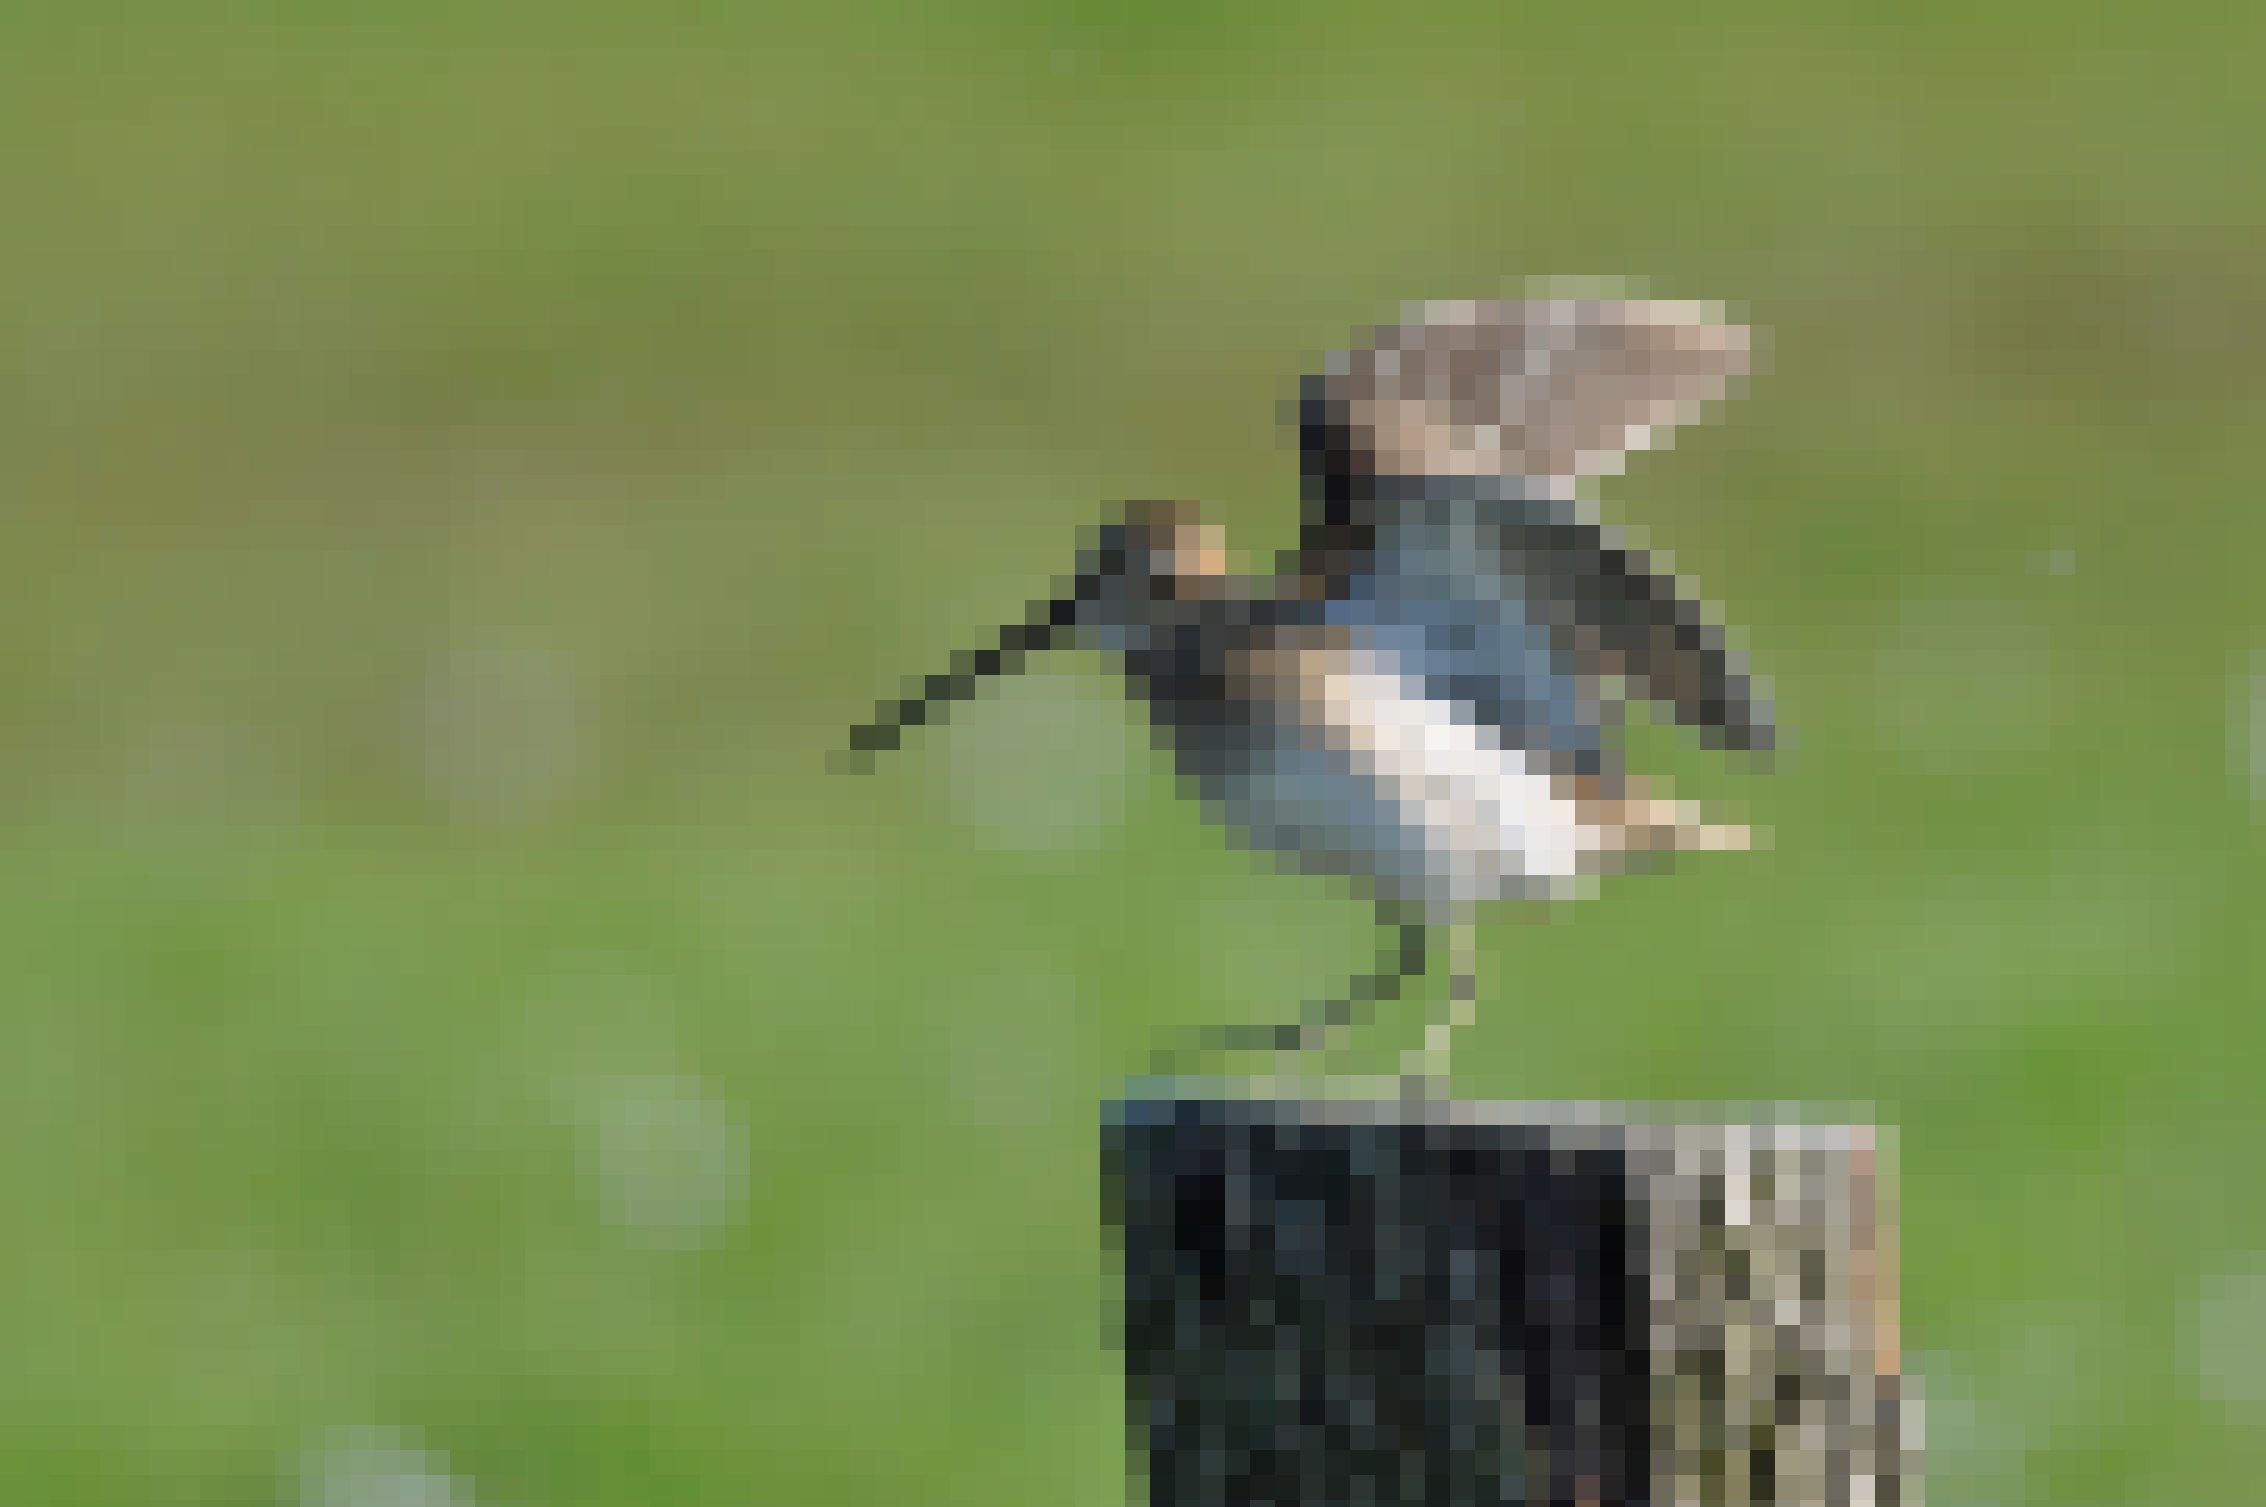 Eine Bekassine sitzt auf einem Zaunpfahl, der auf einer Wiese steht. Sie hat die Flügel ausgebreitet, um sich zum Balzflug zu erheben